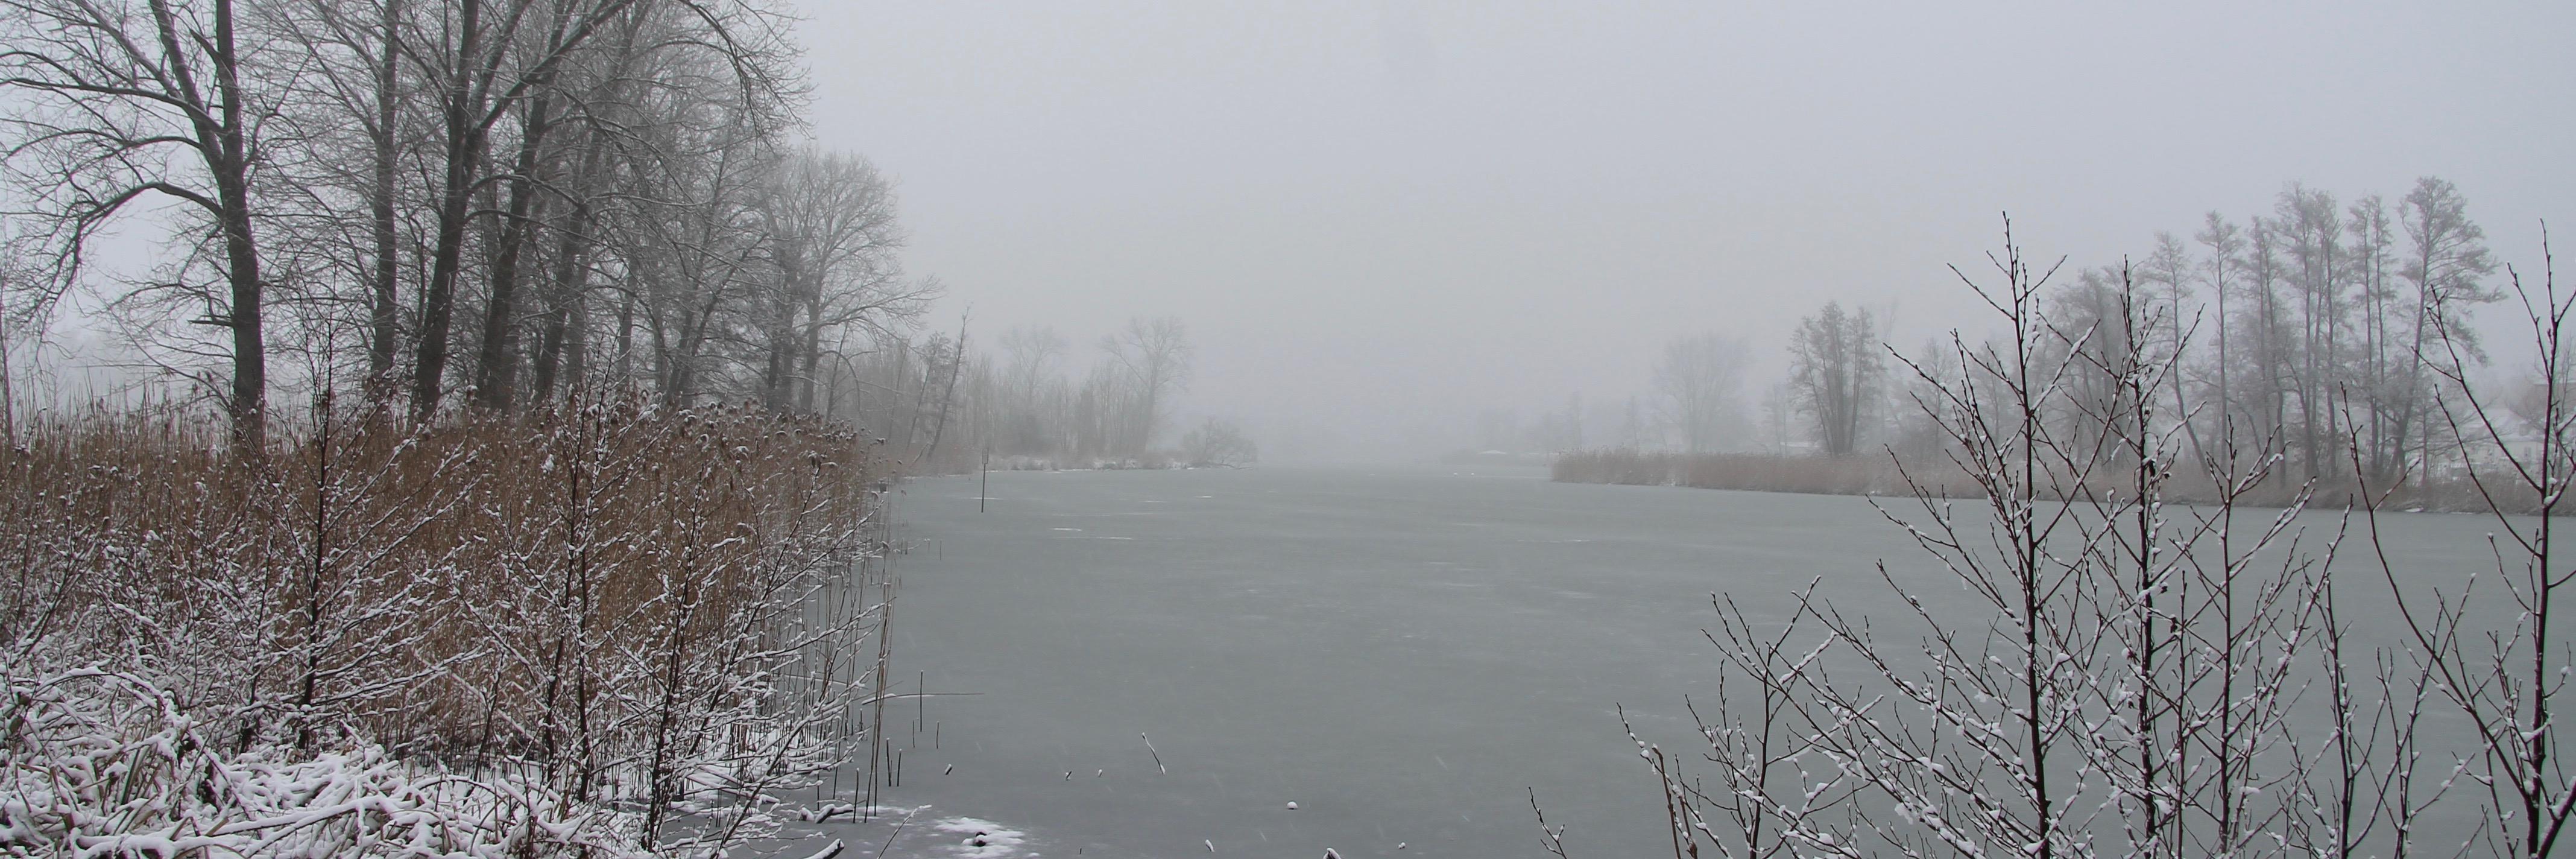 180301 Klietz Winter 19399